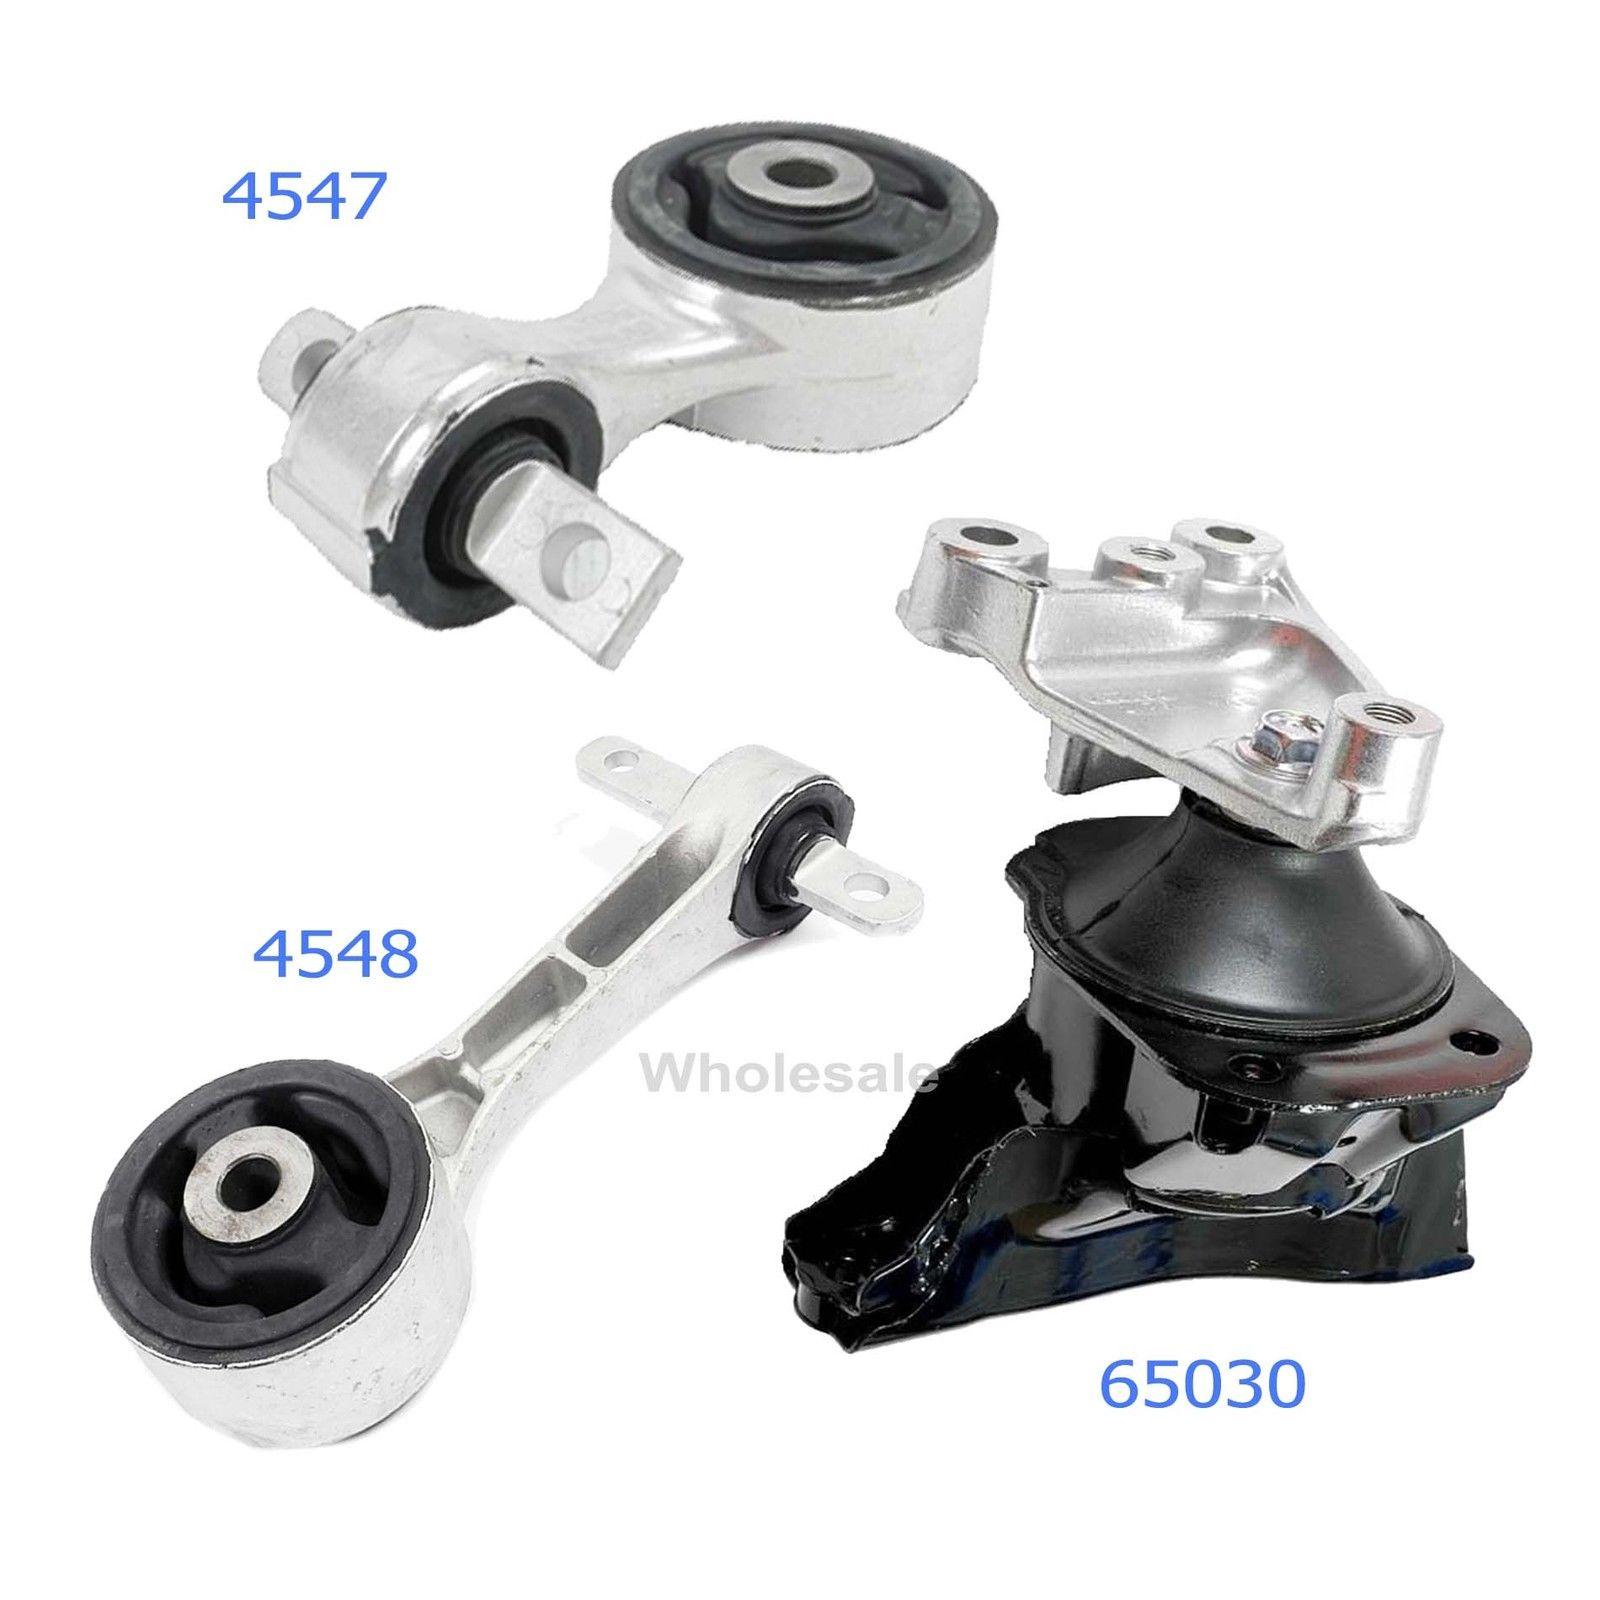 For 2006-2011 Honda Civic 1.8L Engine Torque Strut Front Upper Mount 4548